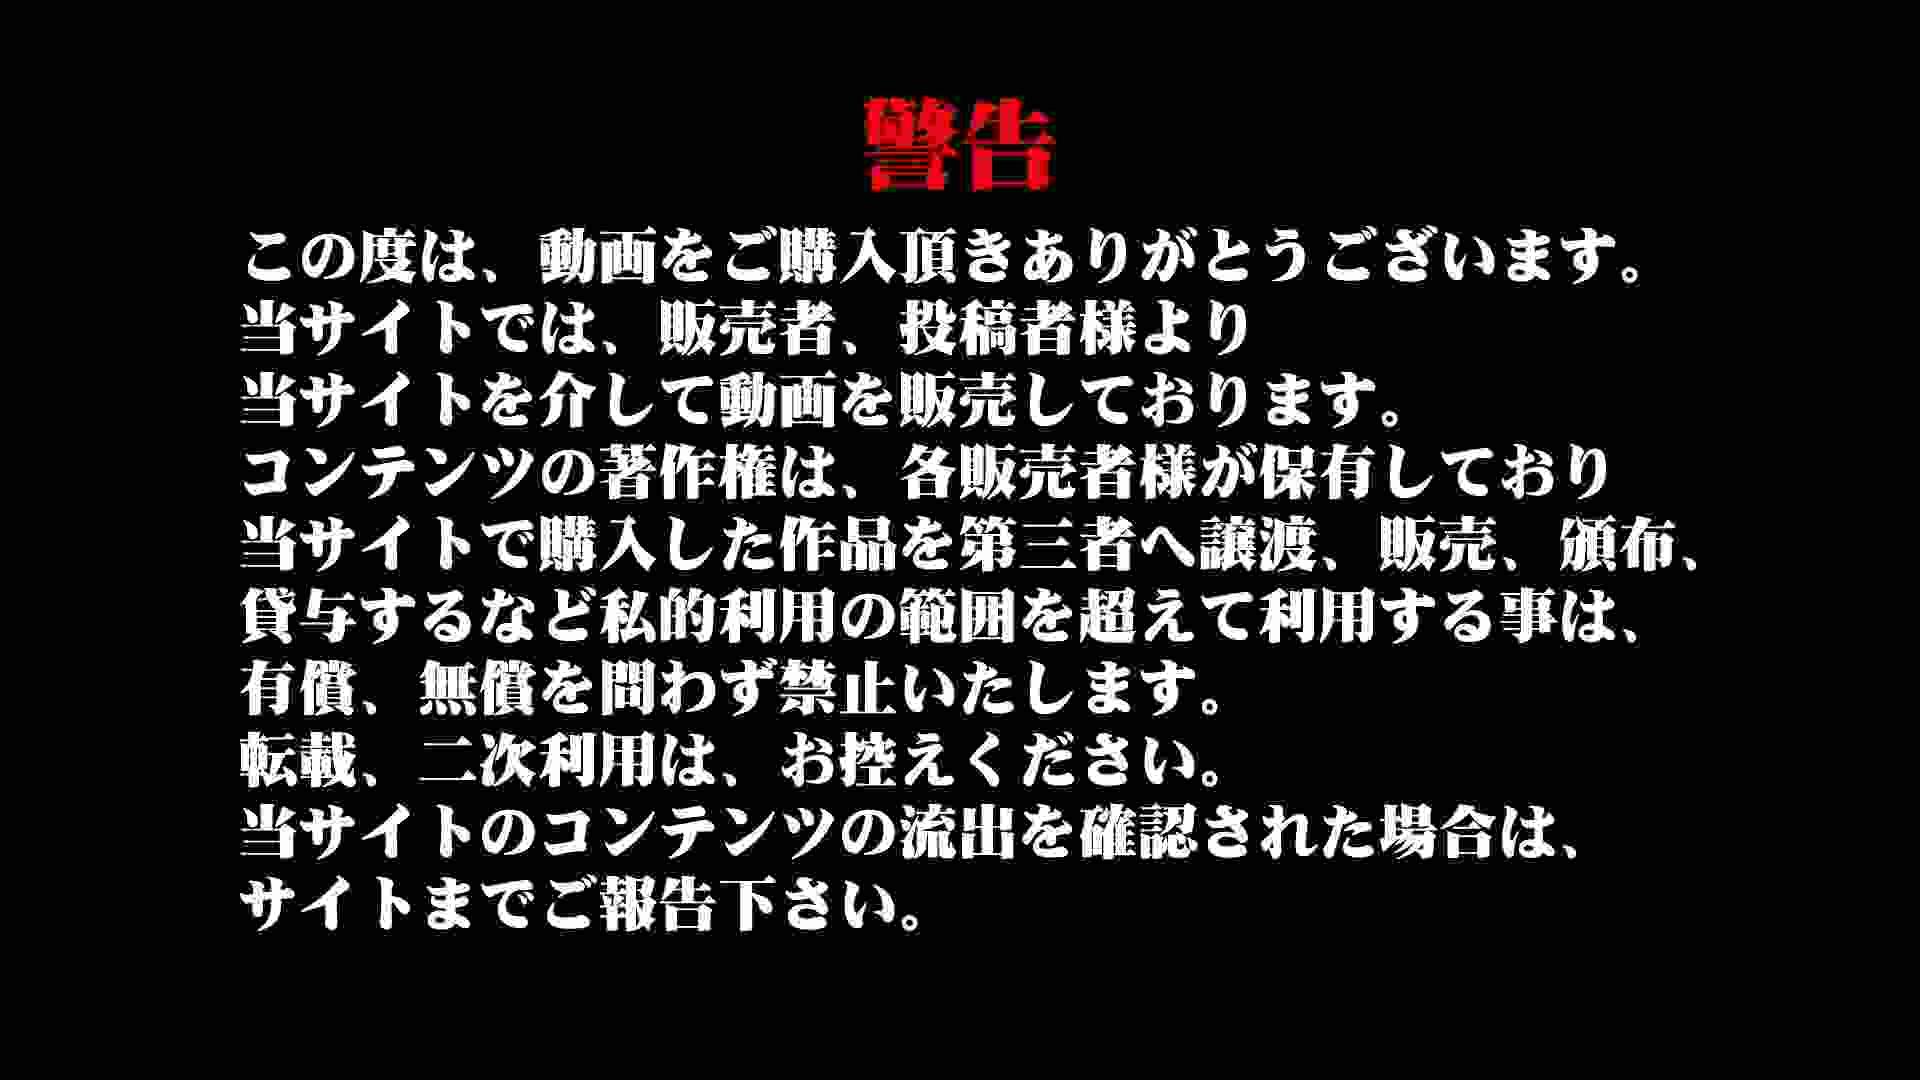 Aquaな露天風呂Vol.906 いやらしいOL 盗撮動画紹介 88連発 2